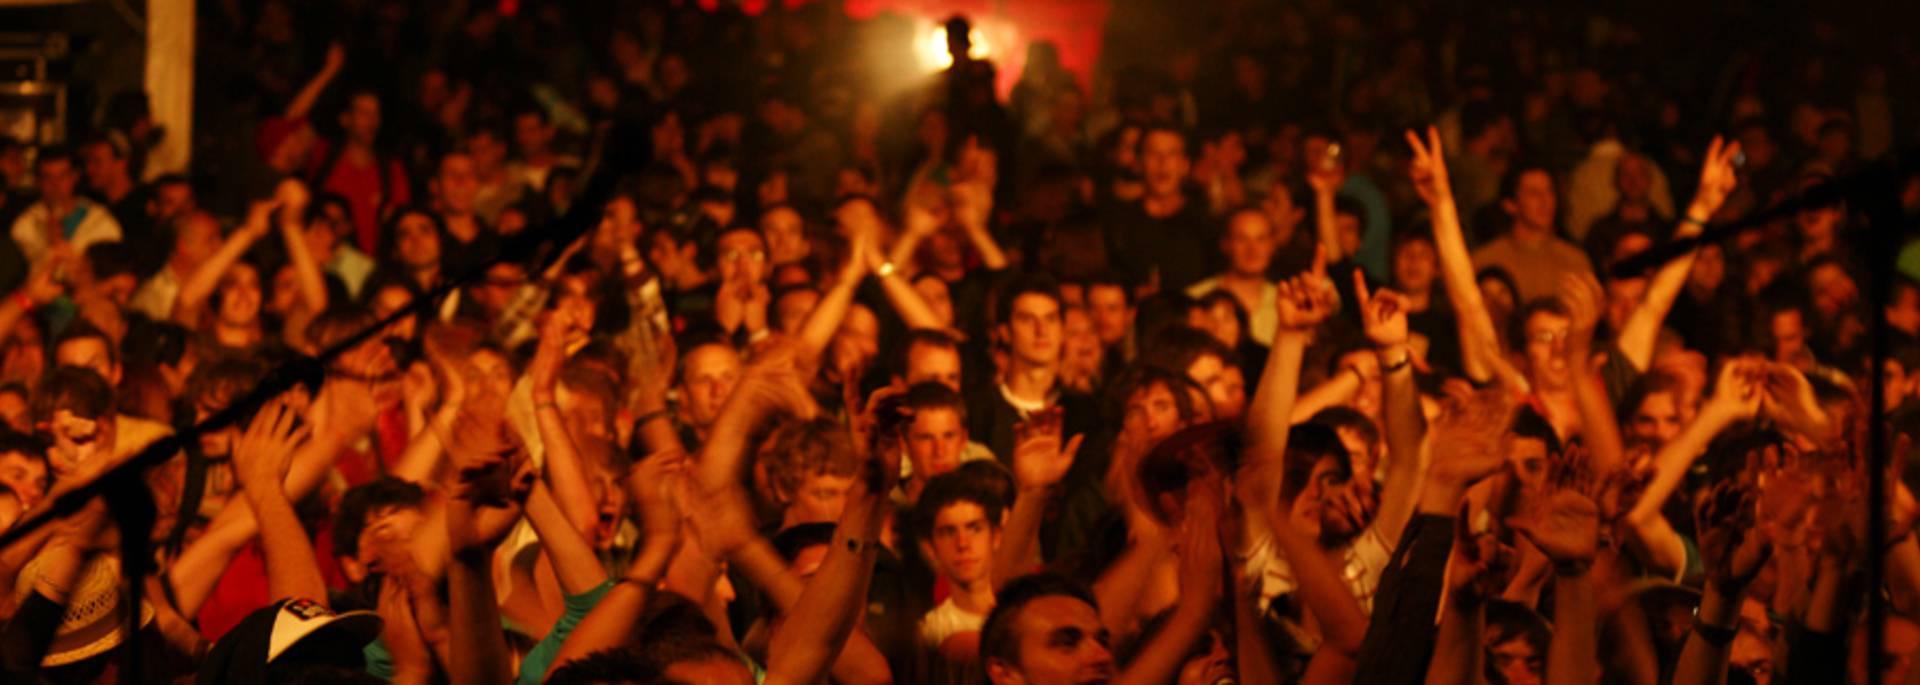 Le concert du Samedi soir et l'événement des Naturals Games